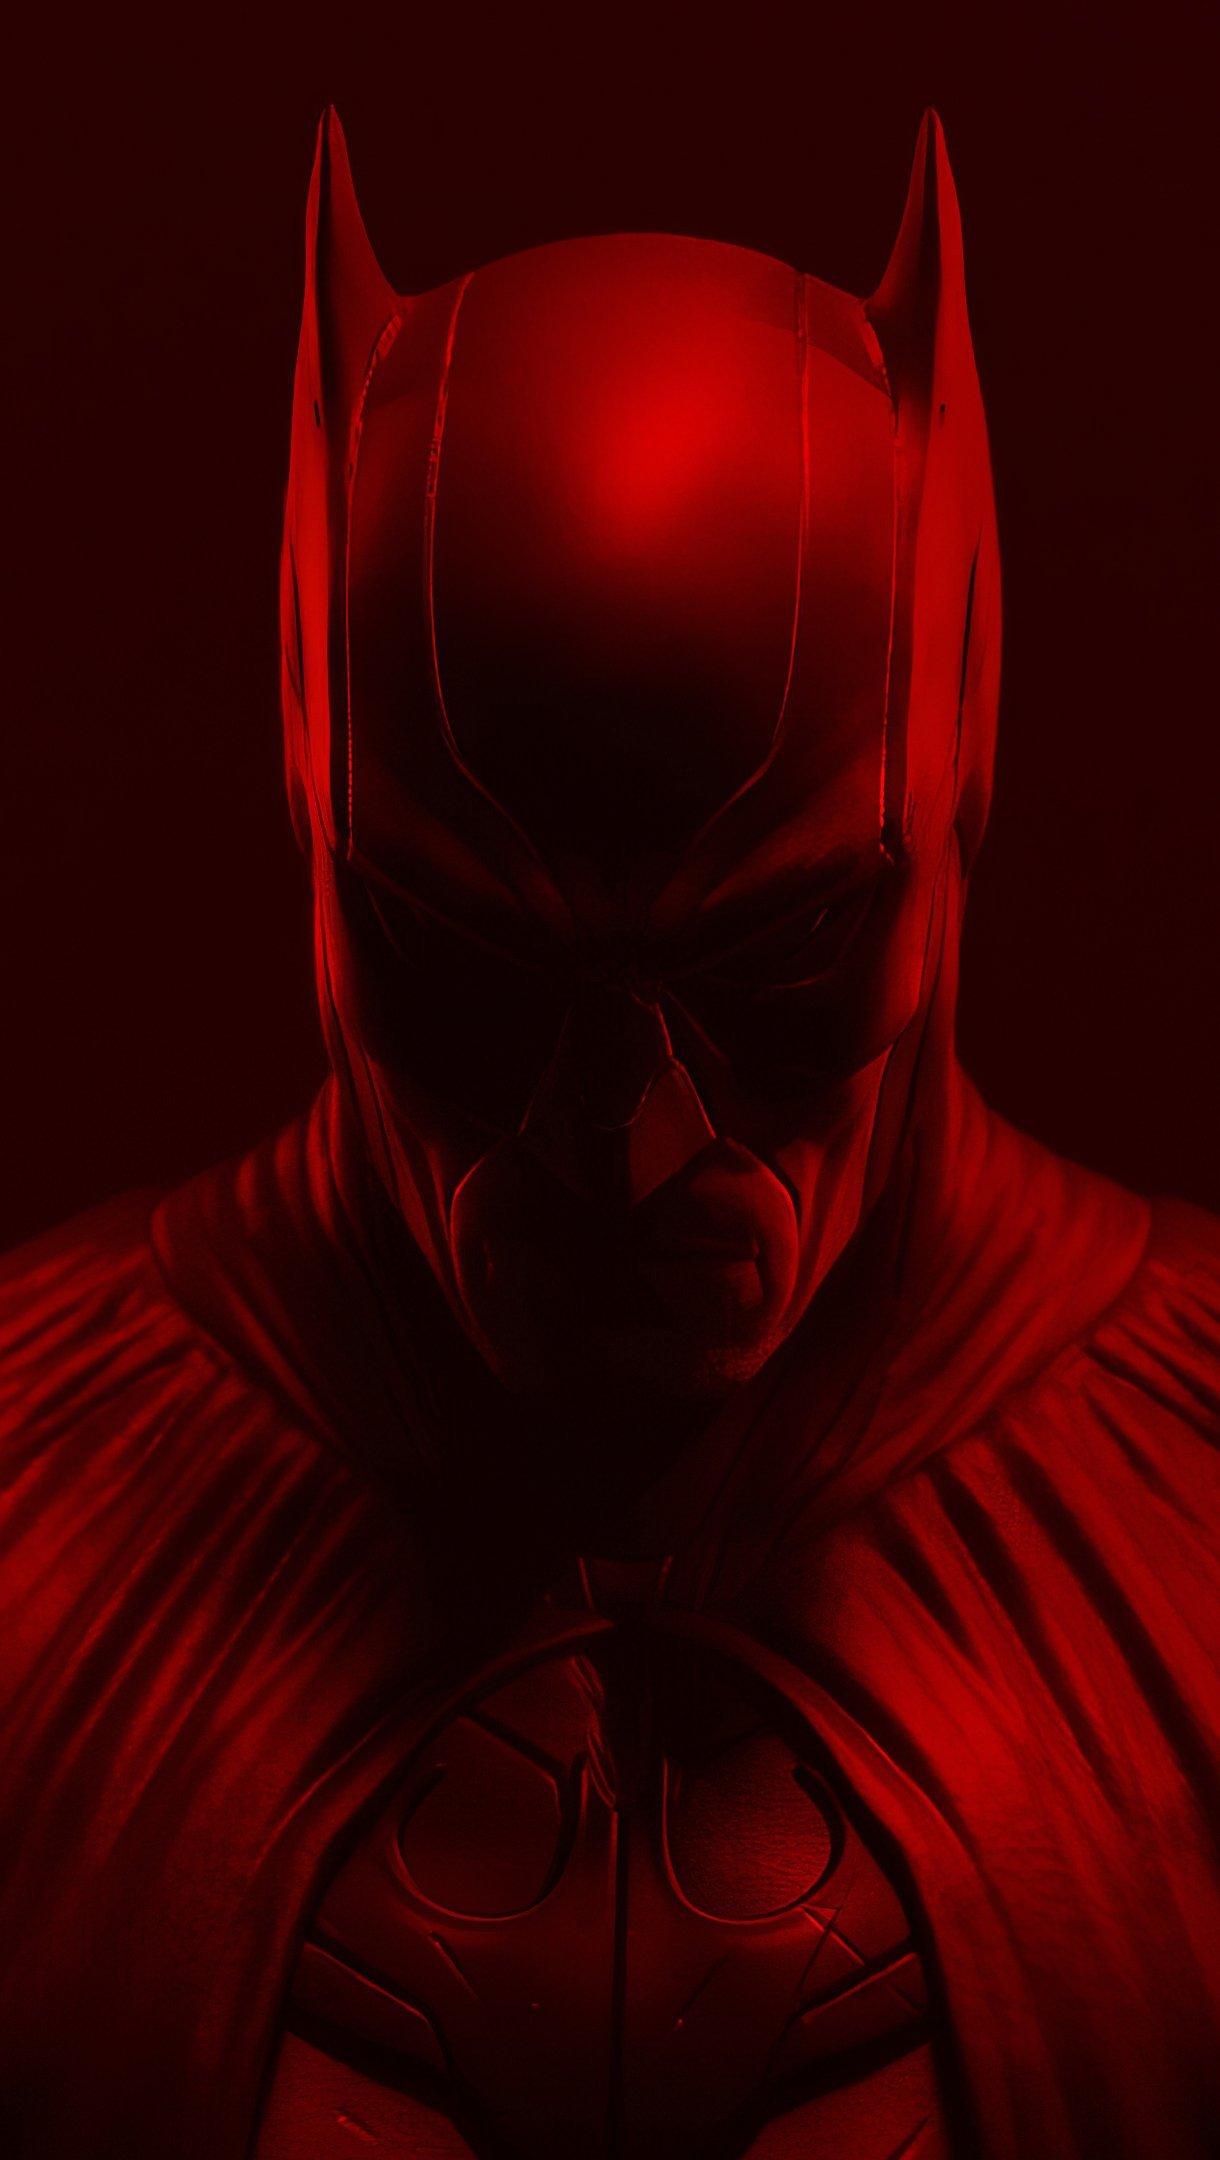 Fondos de pantalla Batman Rojo Vertical